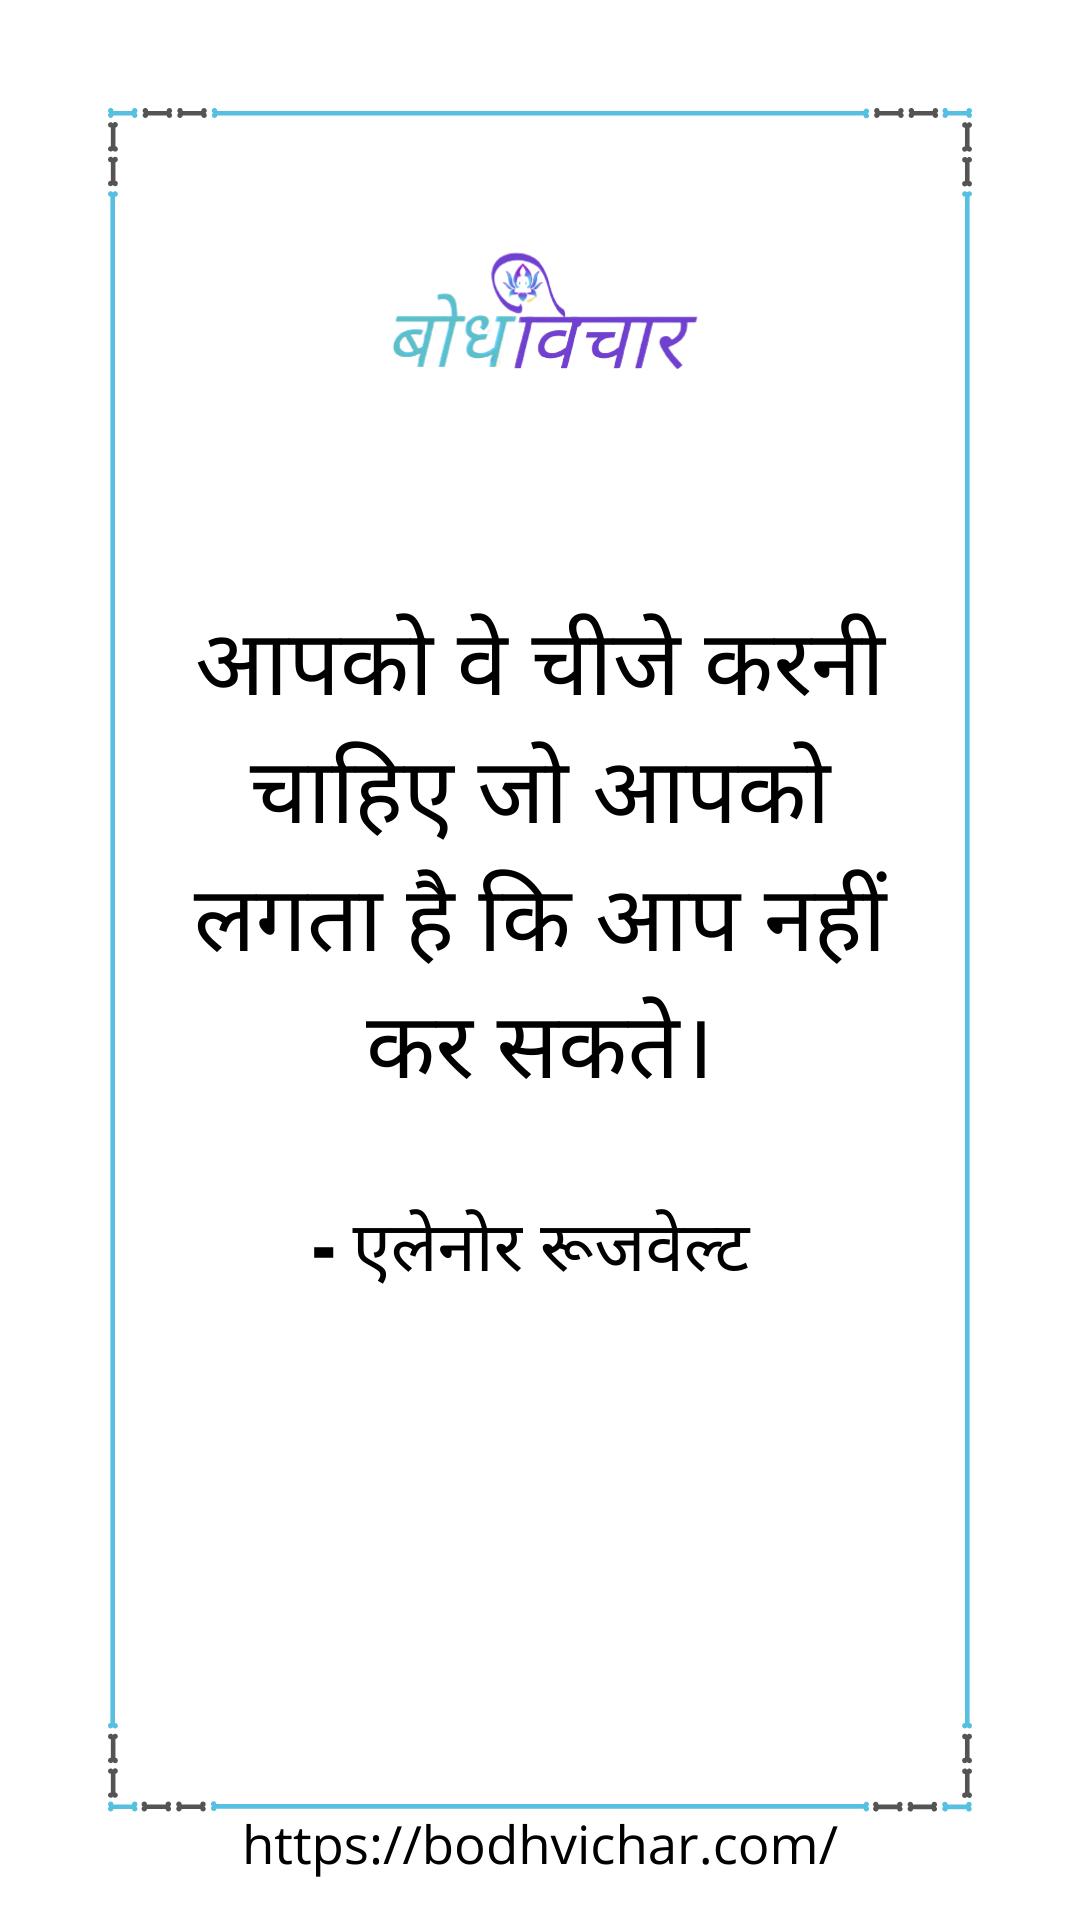 आपको ये चीजें करनी चाहिए जो आपको लगता है कि आप नहीं कर सकते। : Apko ye chijen karni chahiye jo apko lagta hai ki aap nahi kar sakte. - एलेनोर रूजवेल्ट